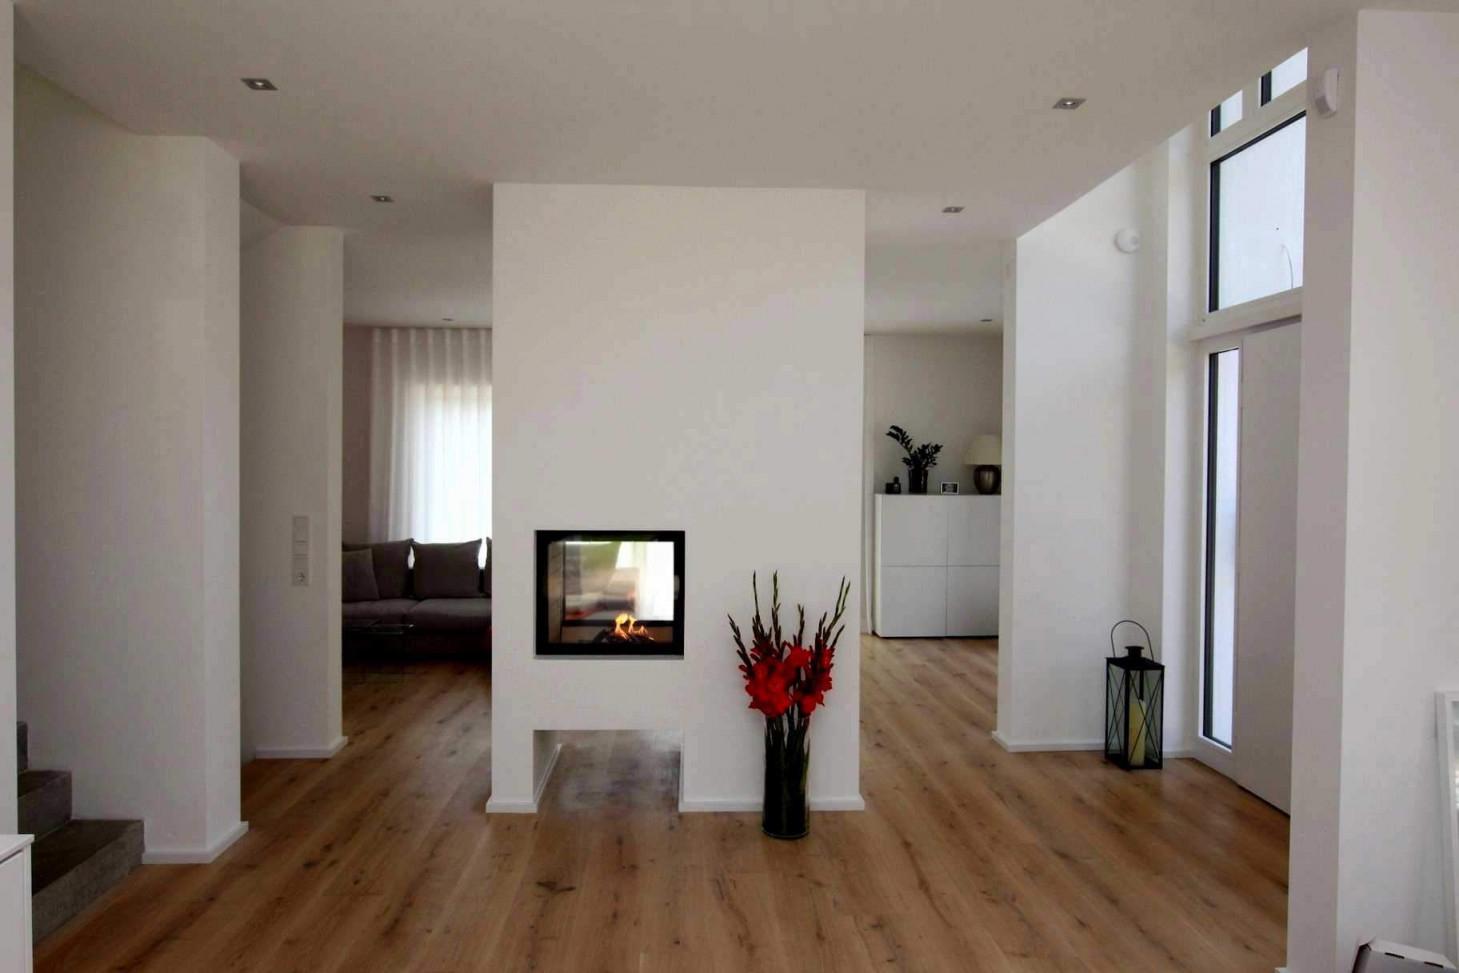 29 Genial Wohnzimmer Raumteiler Elegant  Wohnzimmer Frisch von Raumtrenner Ideen Wohnzimmer Photo